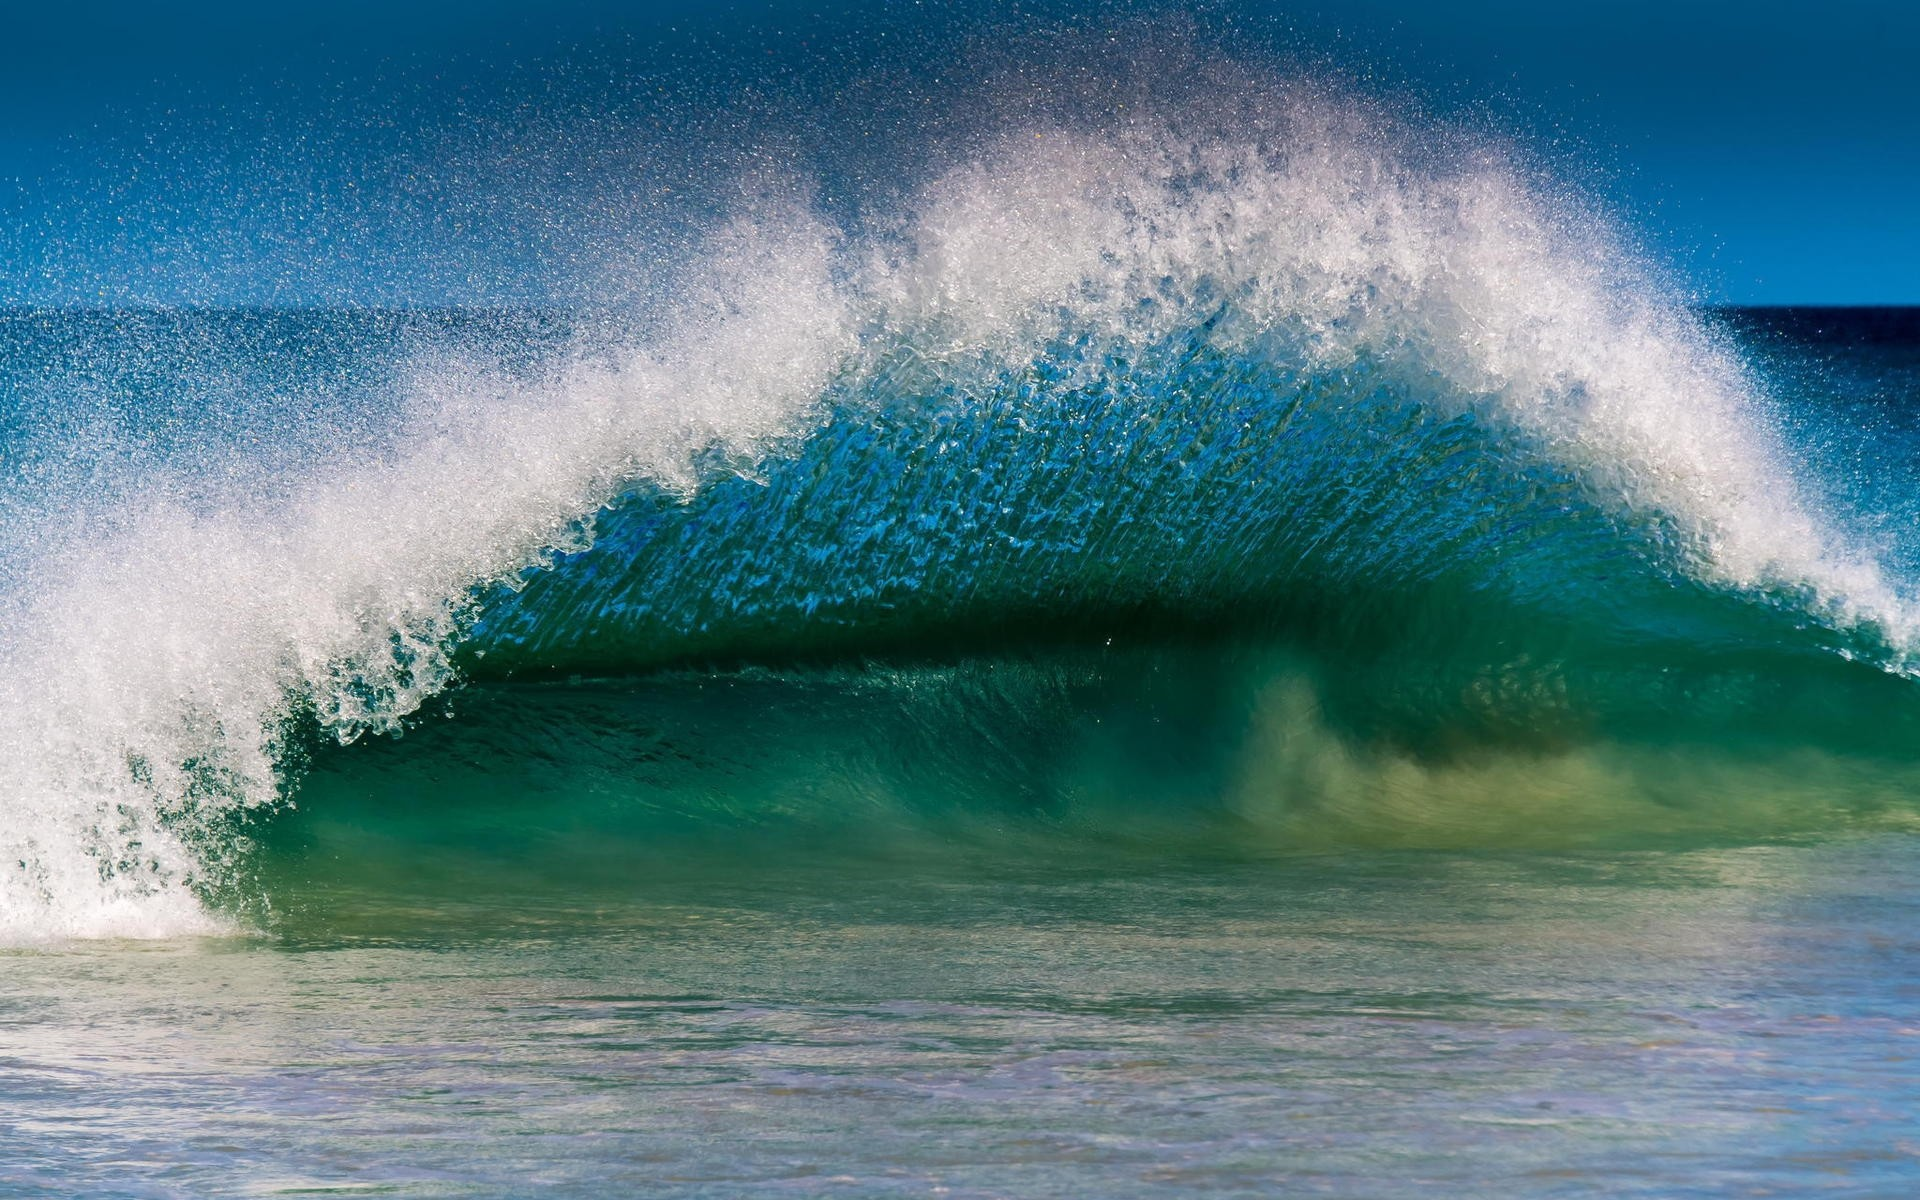 Обои на рабочий стол океанские волны